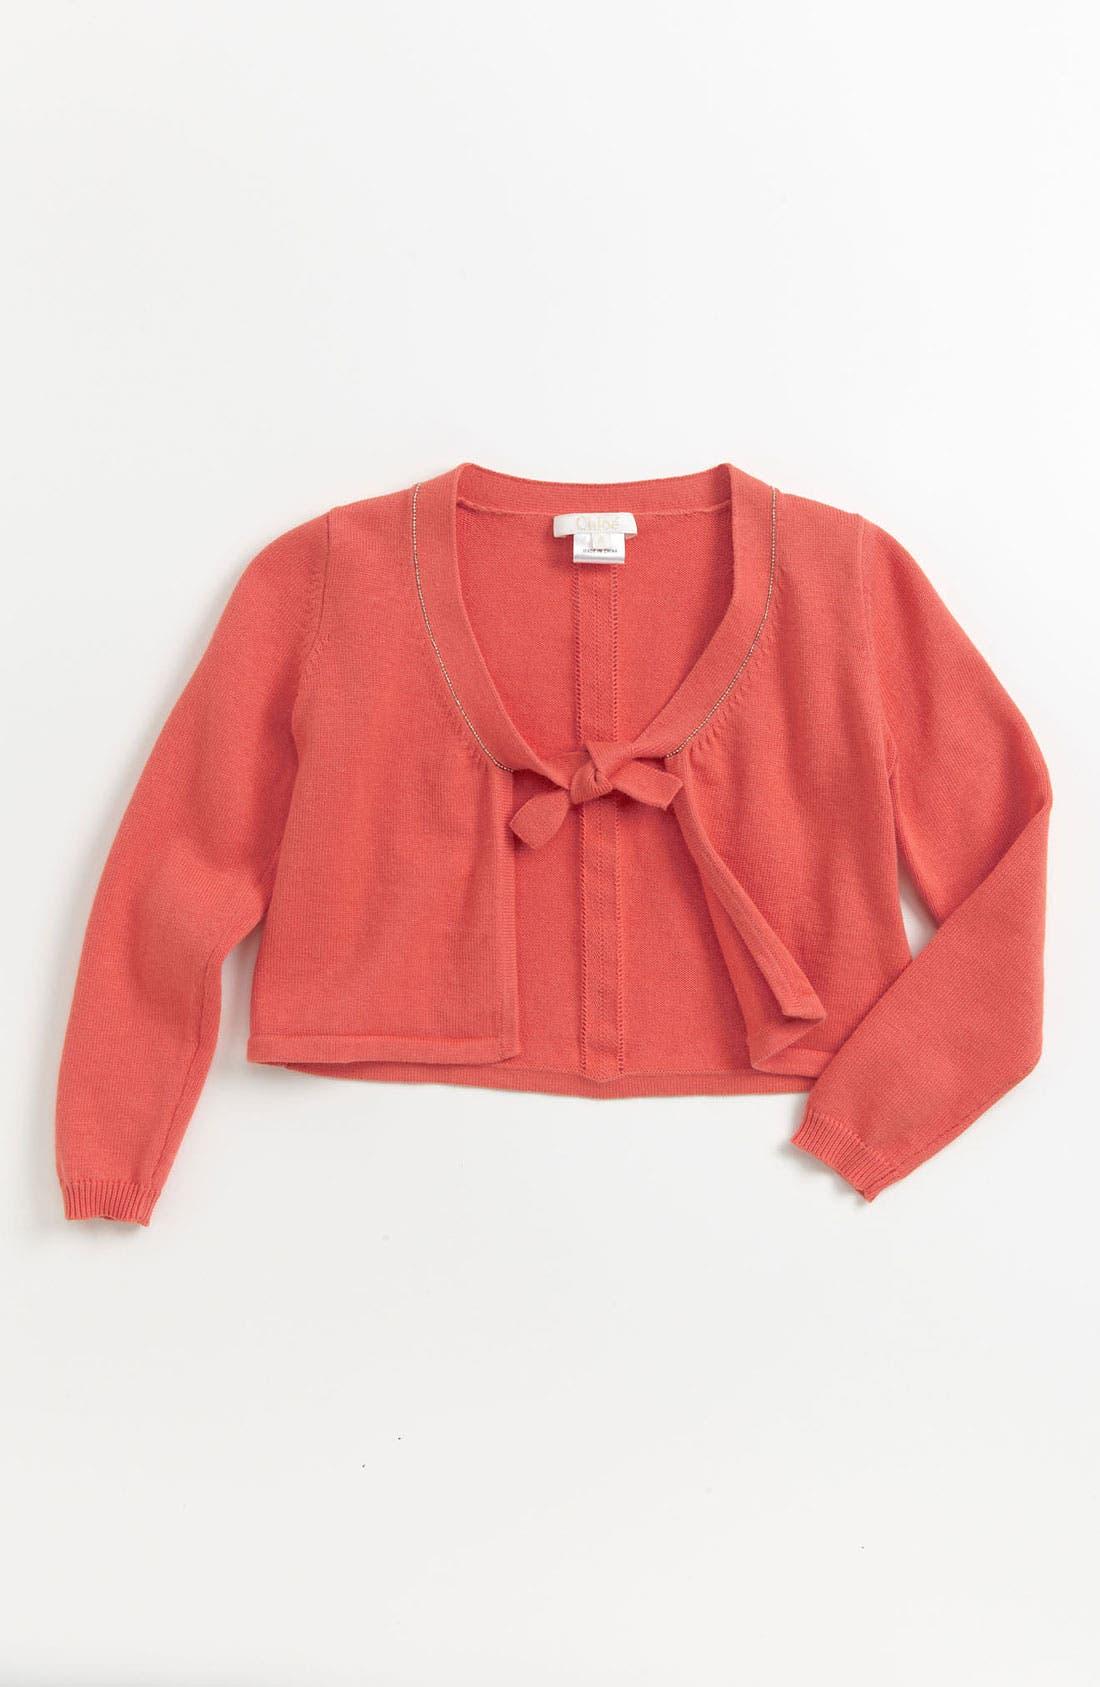 Alternate Image 1 Selected - Chloé Knit Bolero (Toddler, Little Girls & Big Girls)